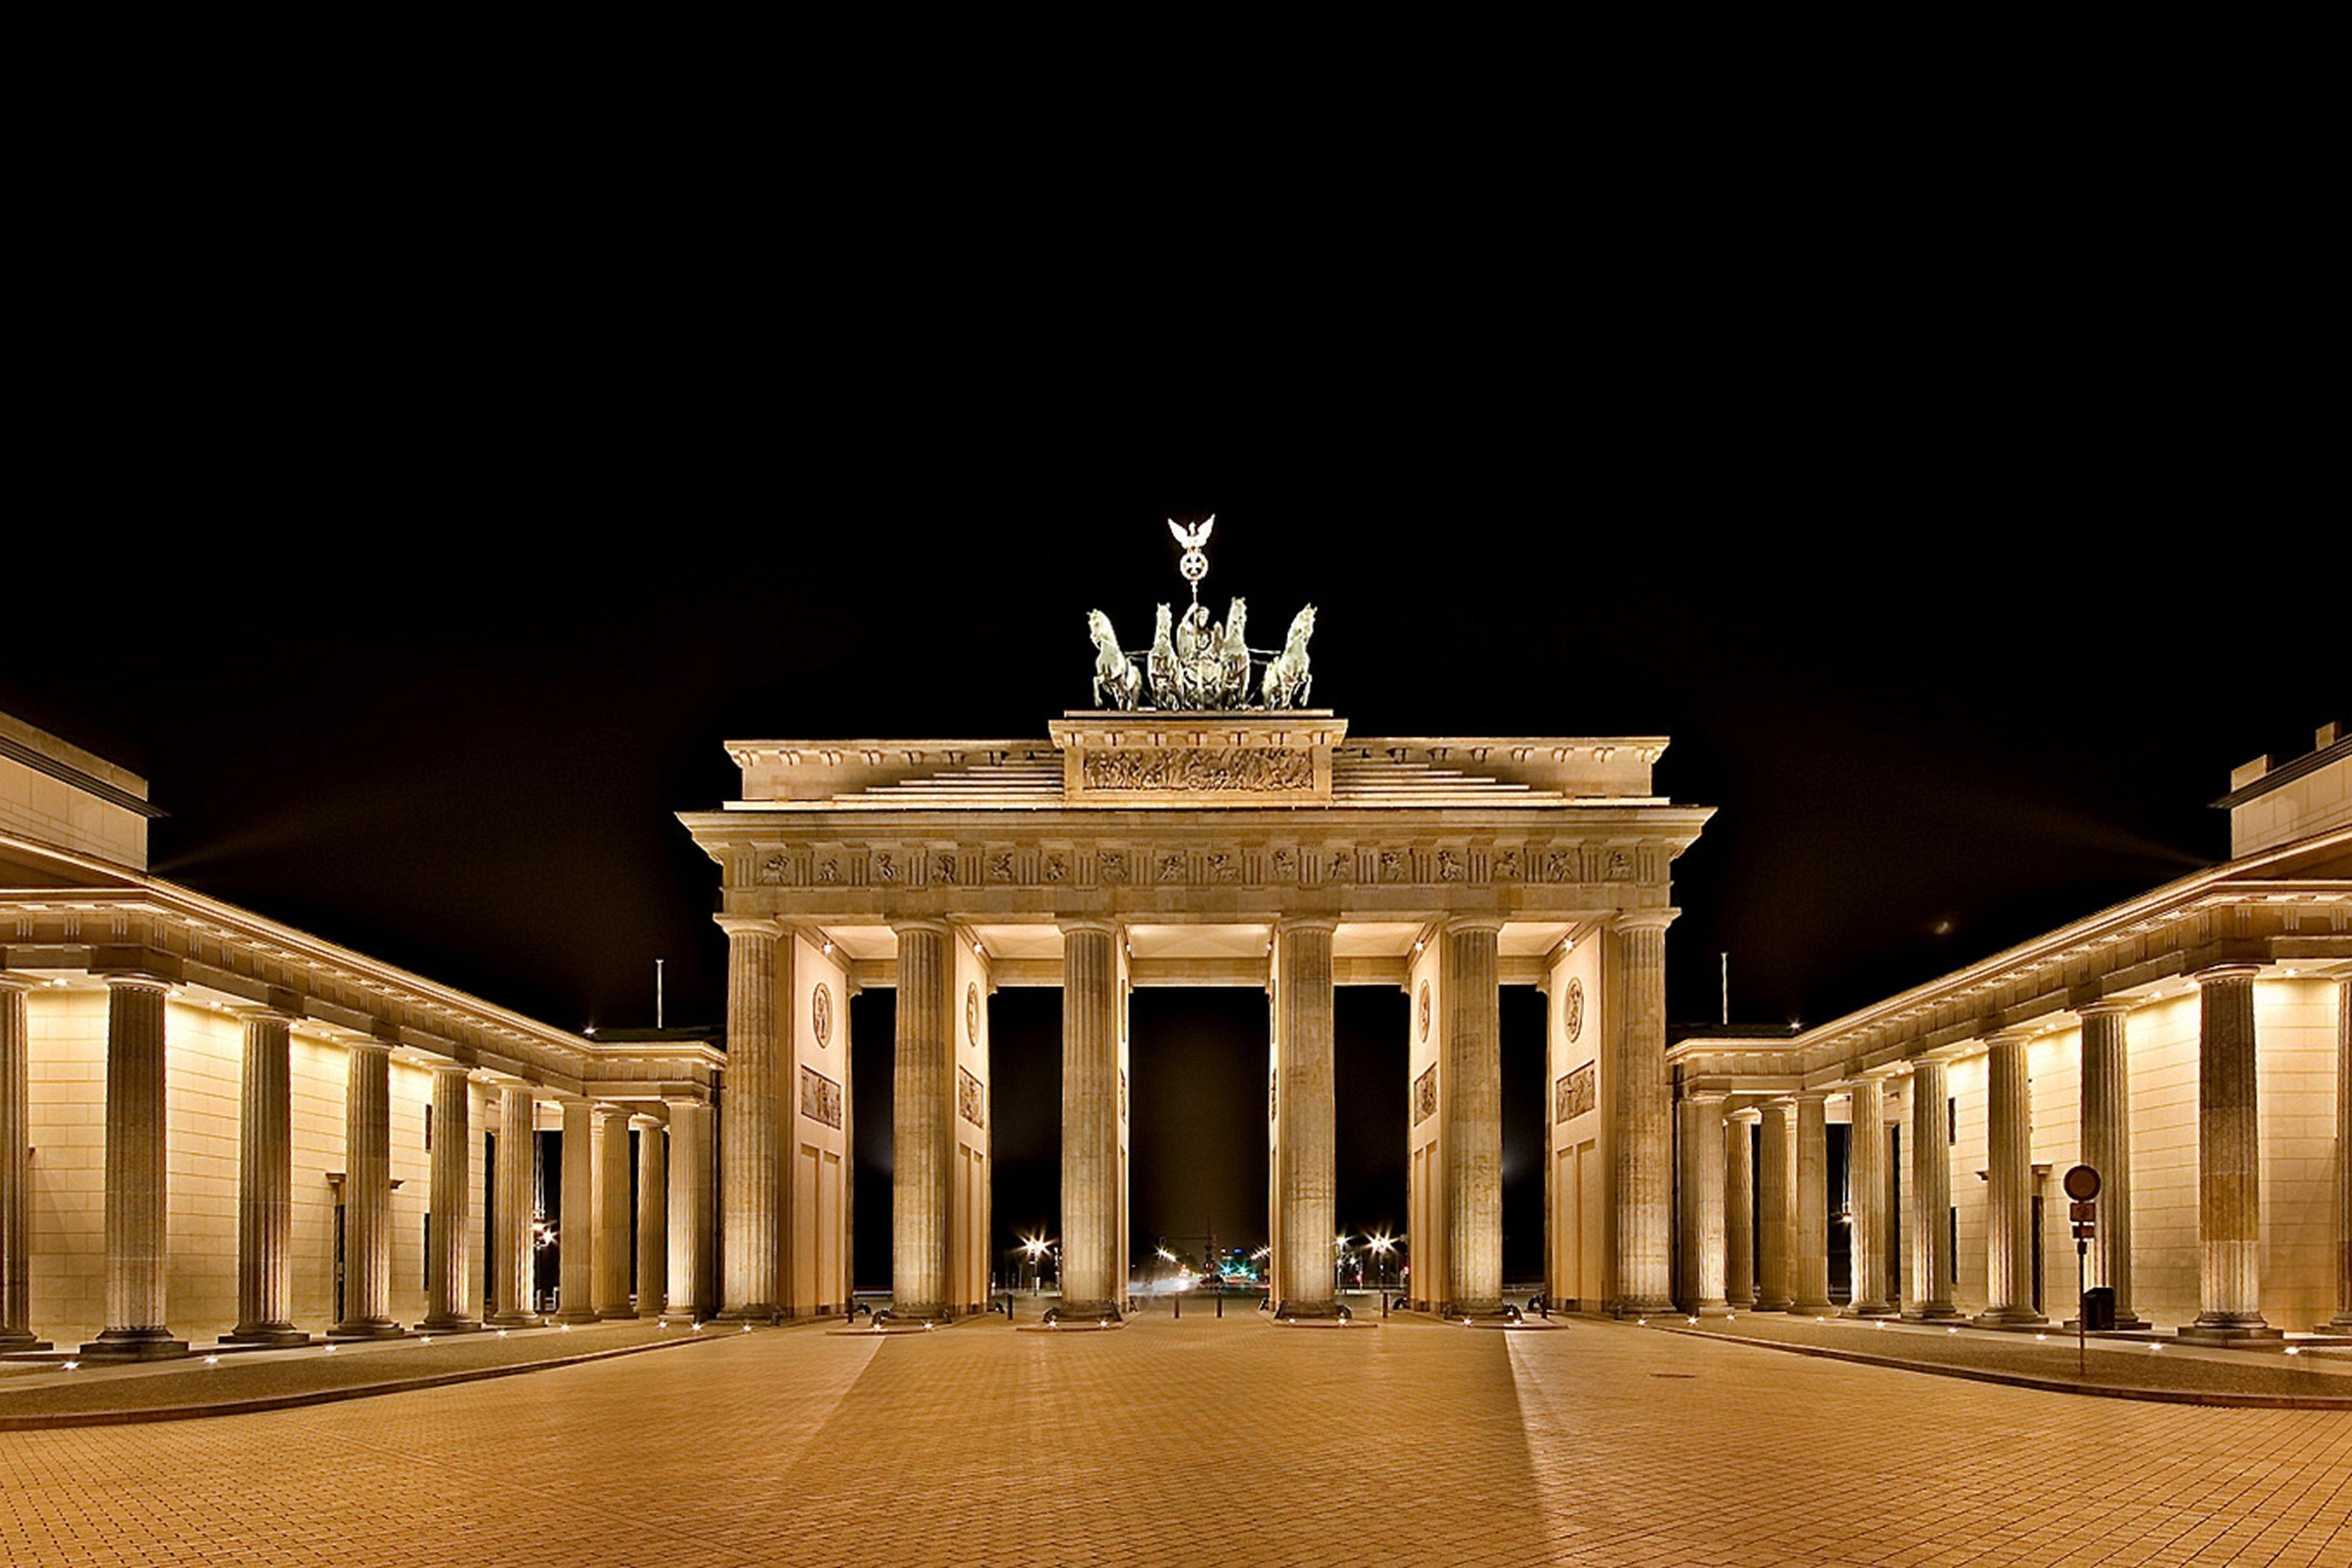 Brandenburg Gate Wallpaper 5   4000 X 2667 stmednet 4000x2667